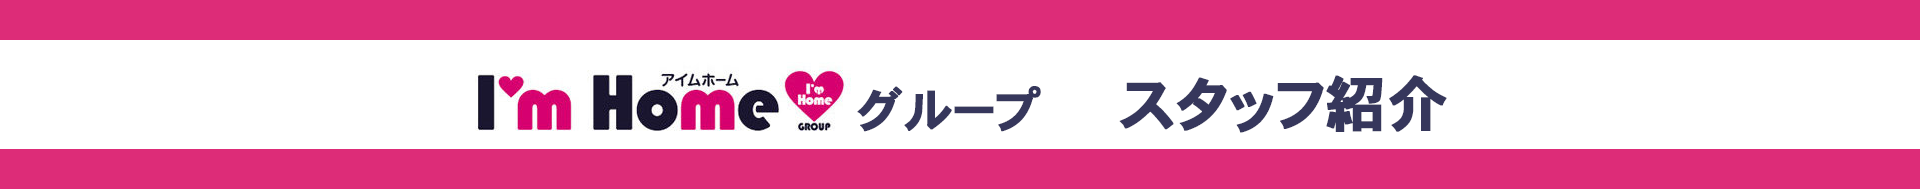 日高ハウジングプラザ、株式会社アイムホームグループ スタッフ紹介